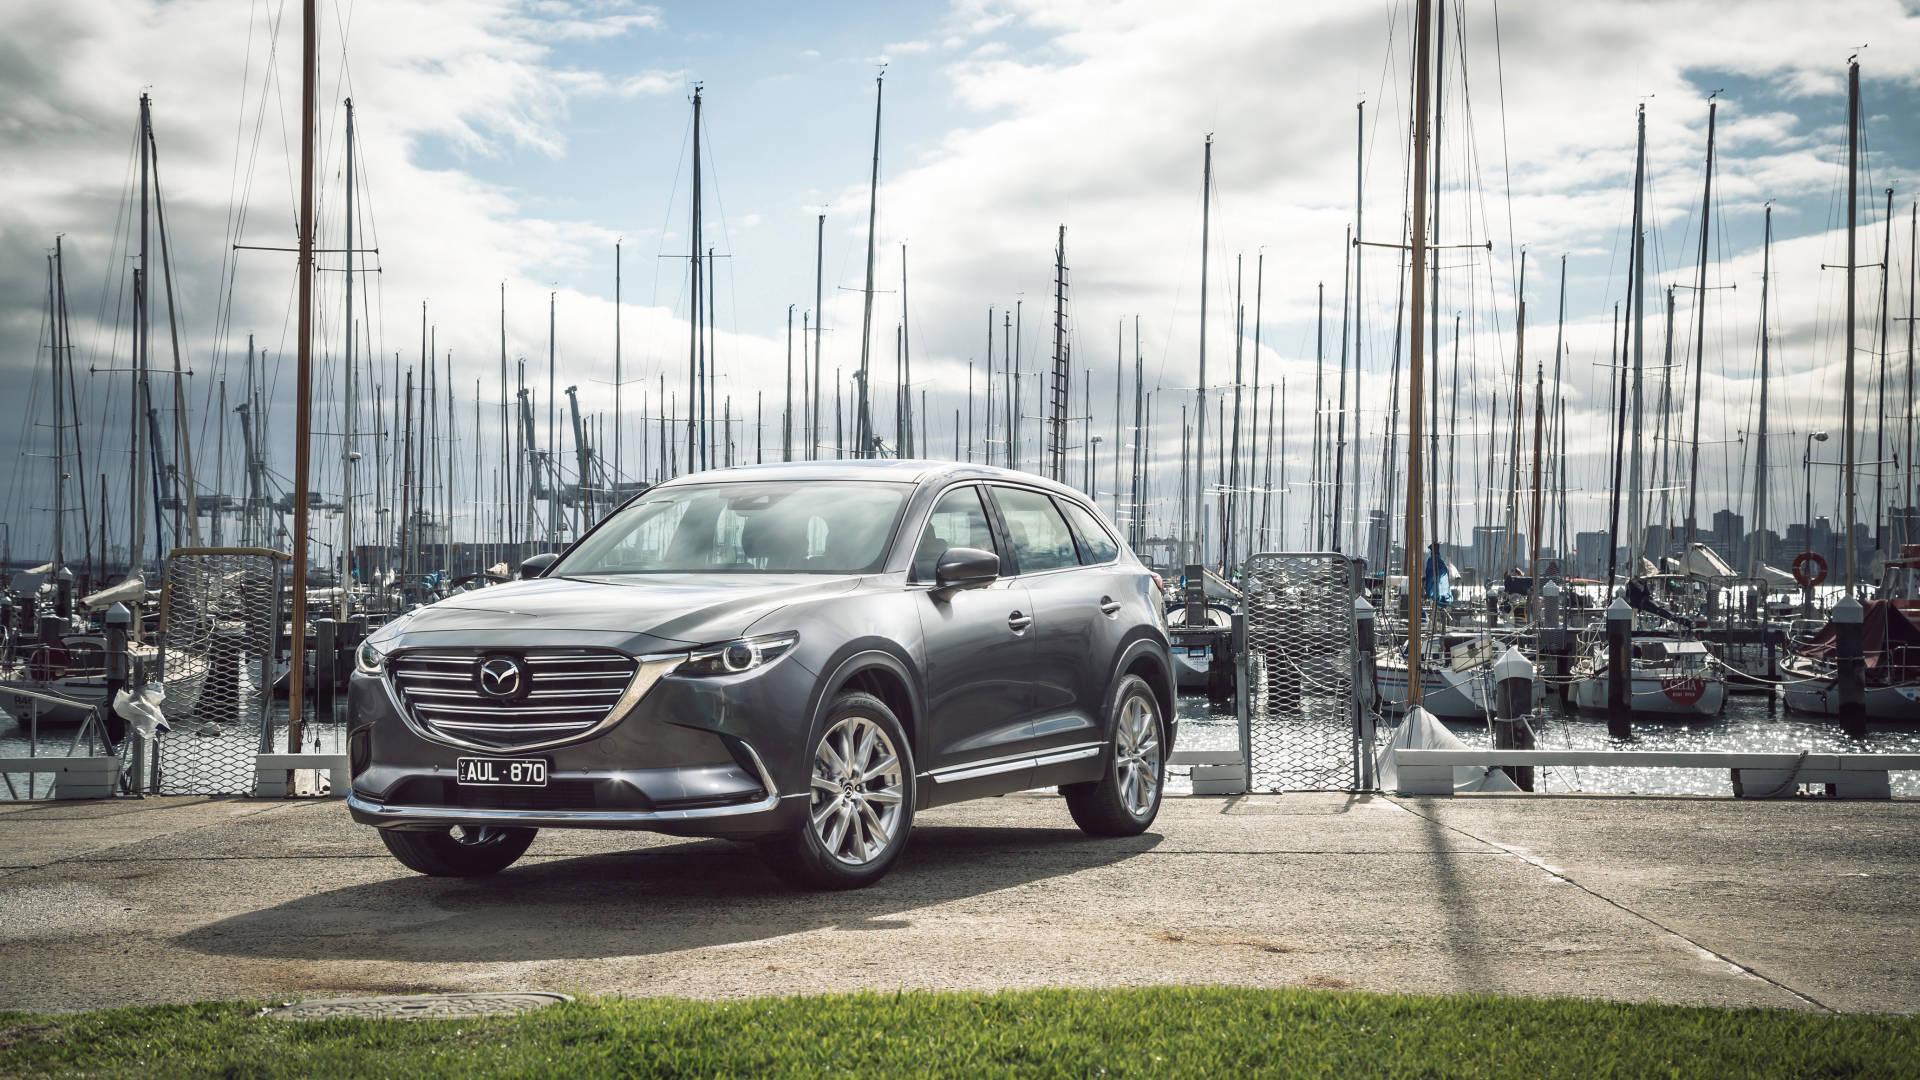 2019 Mazda CX-9 Azami LE Machine Grey front 3/4 close